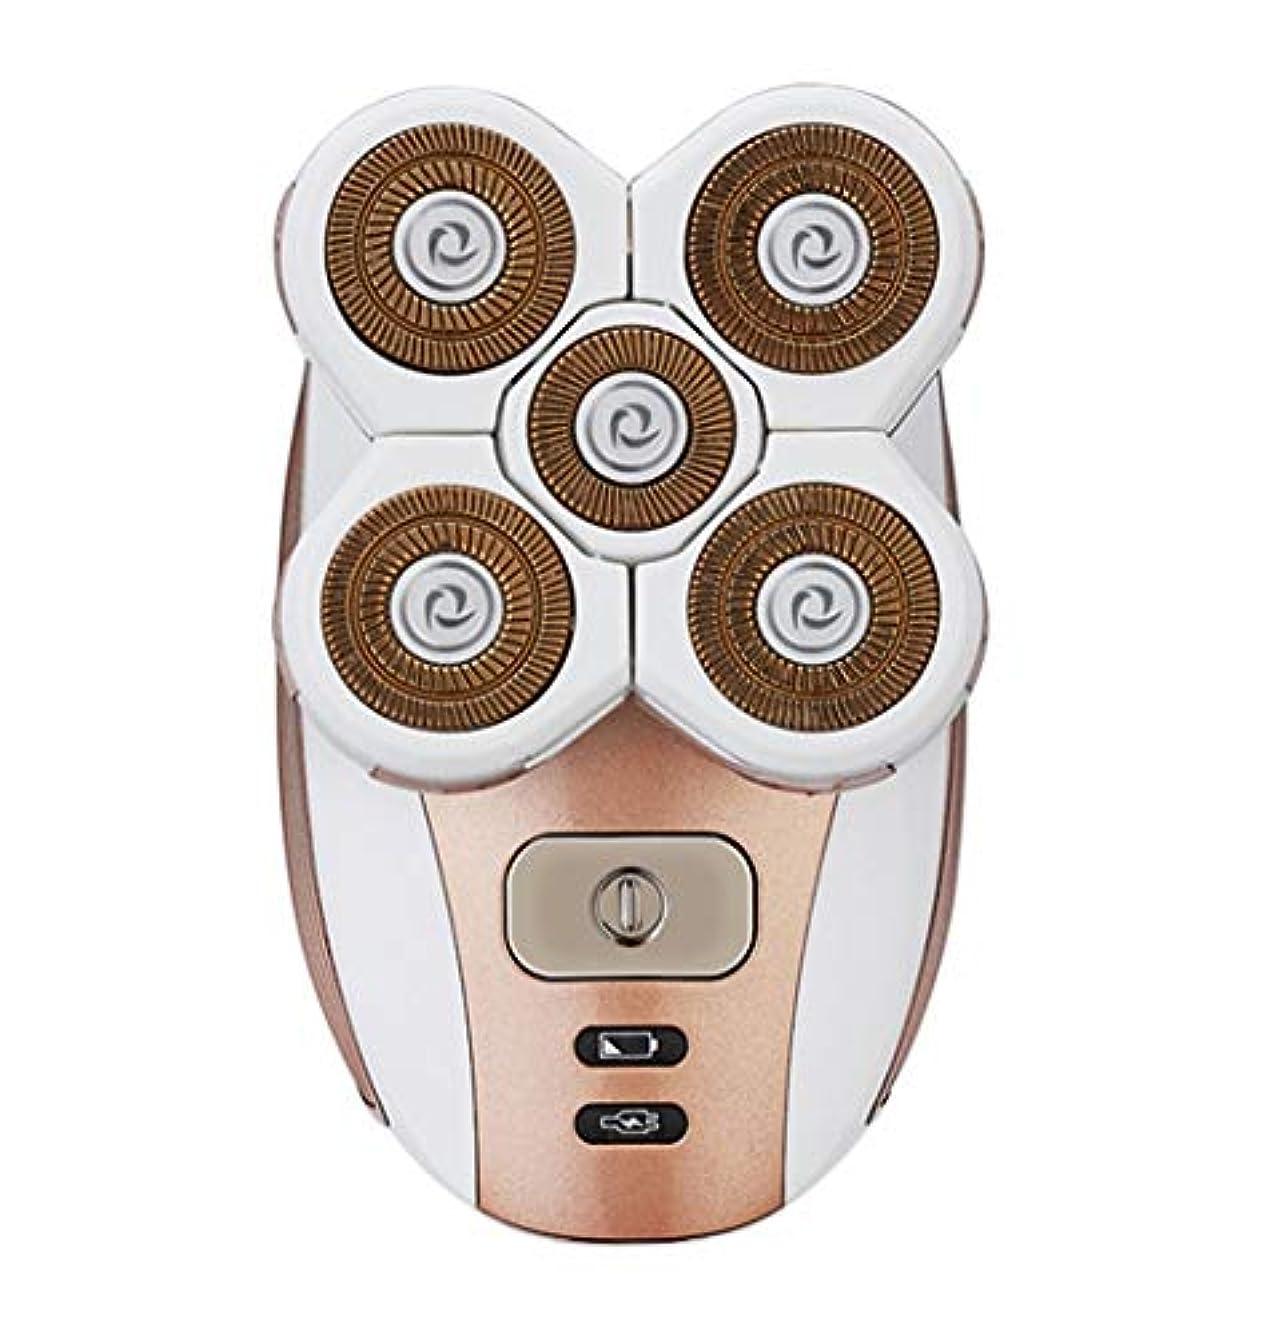 部分的過半数流出WPQW - 脱毛器 電気脱毛装置プライベートパーツシェービング器具脇の下陰毛剃毛レディーシェーバー - 5510